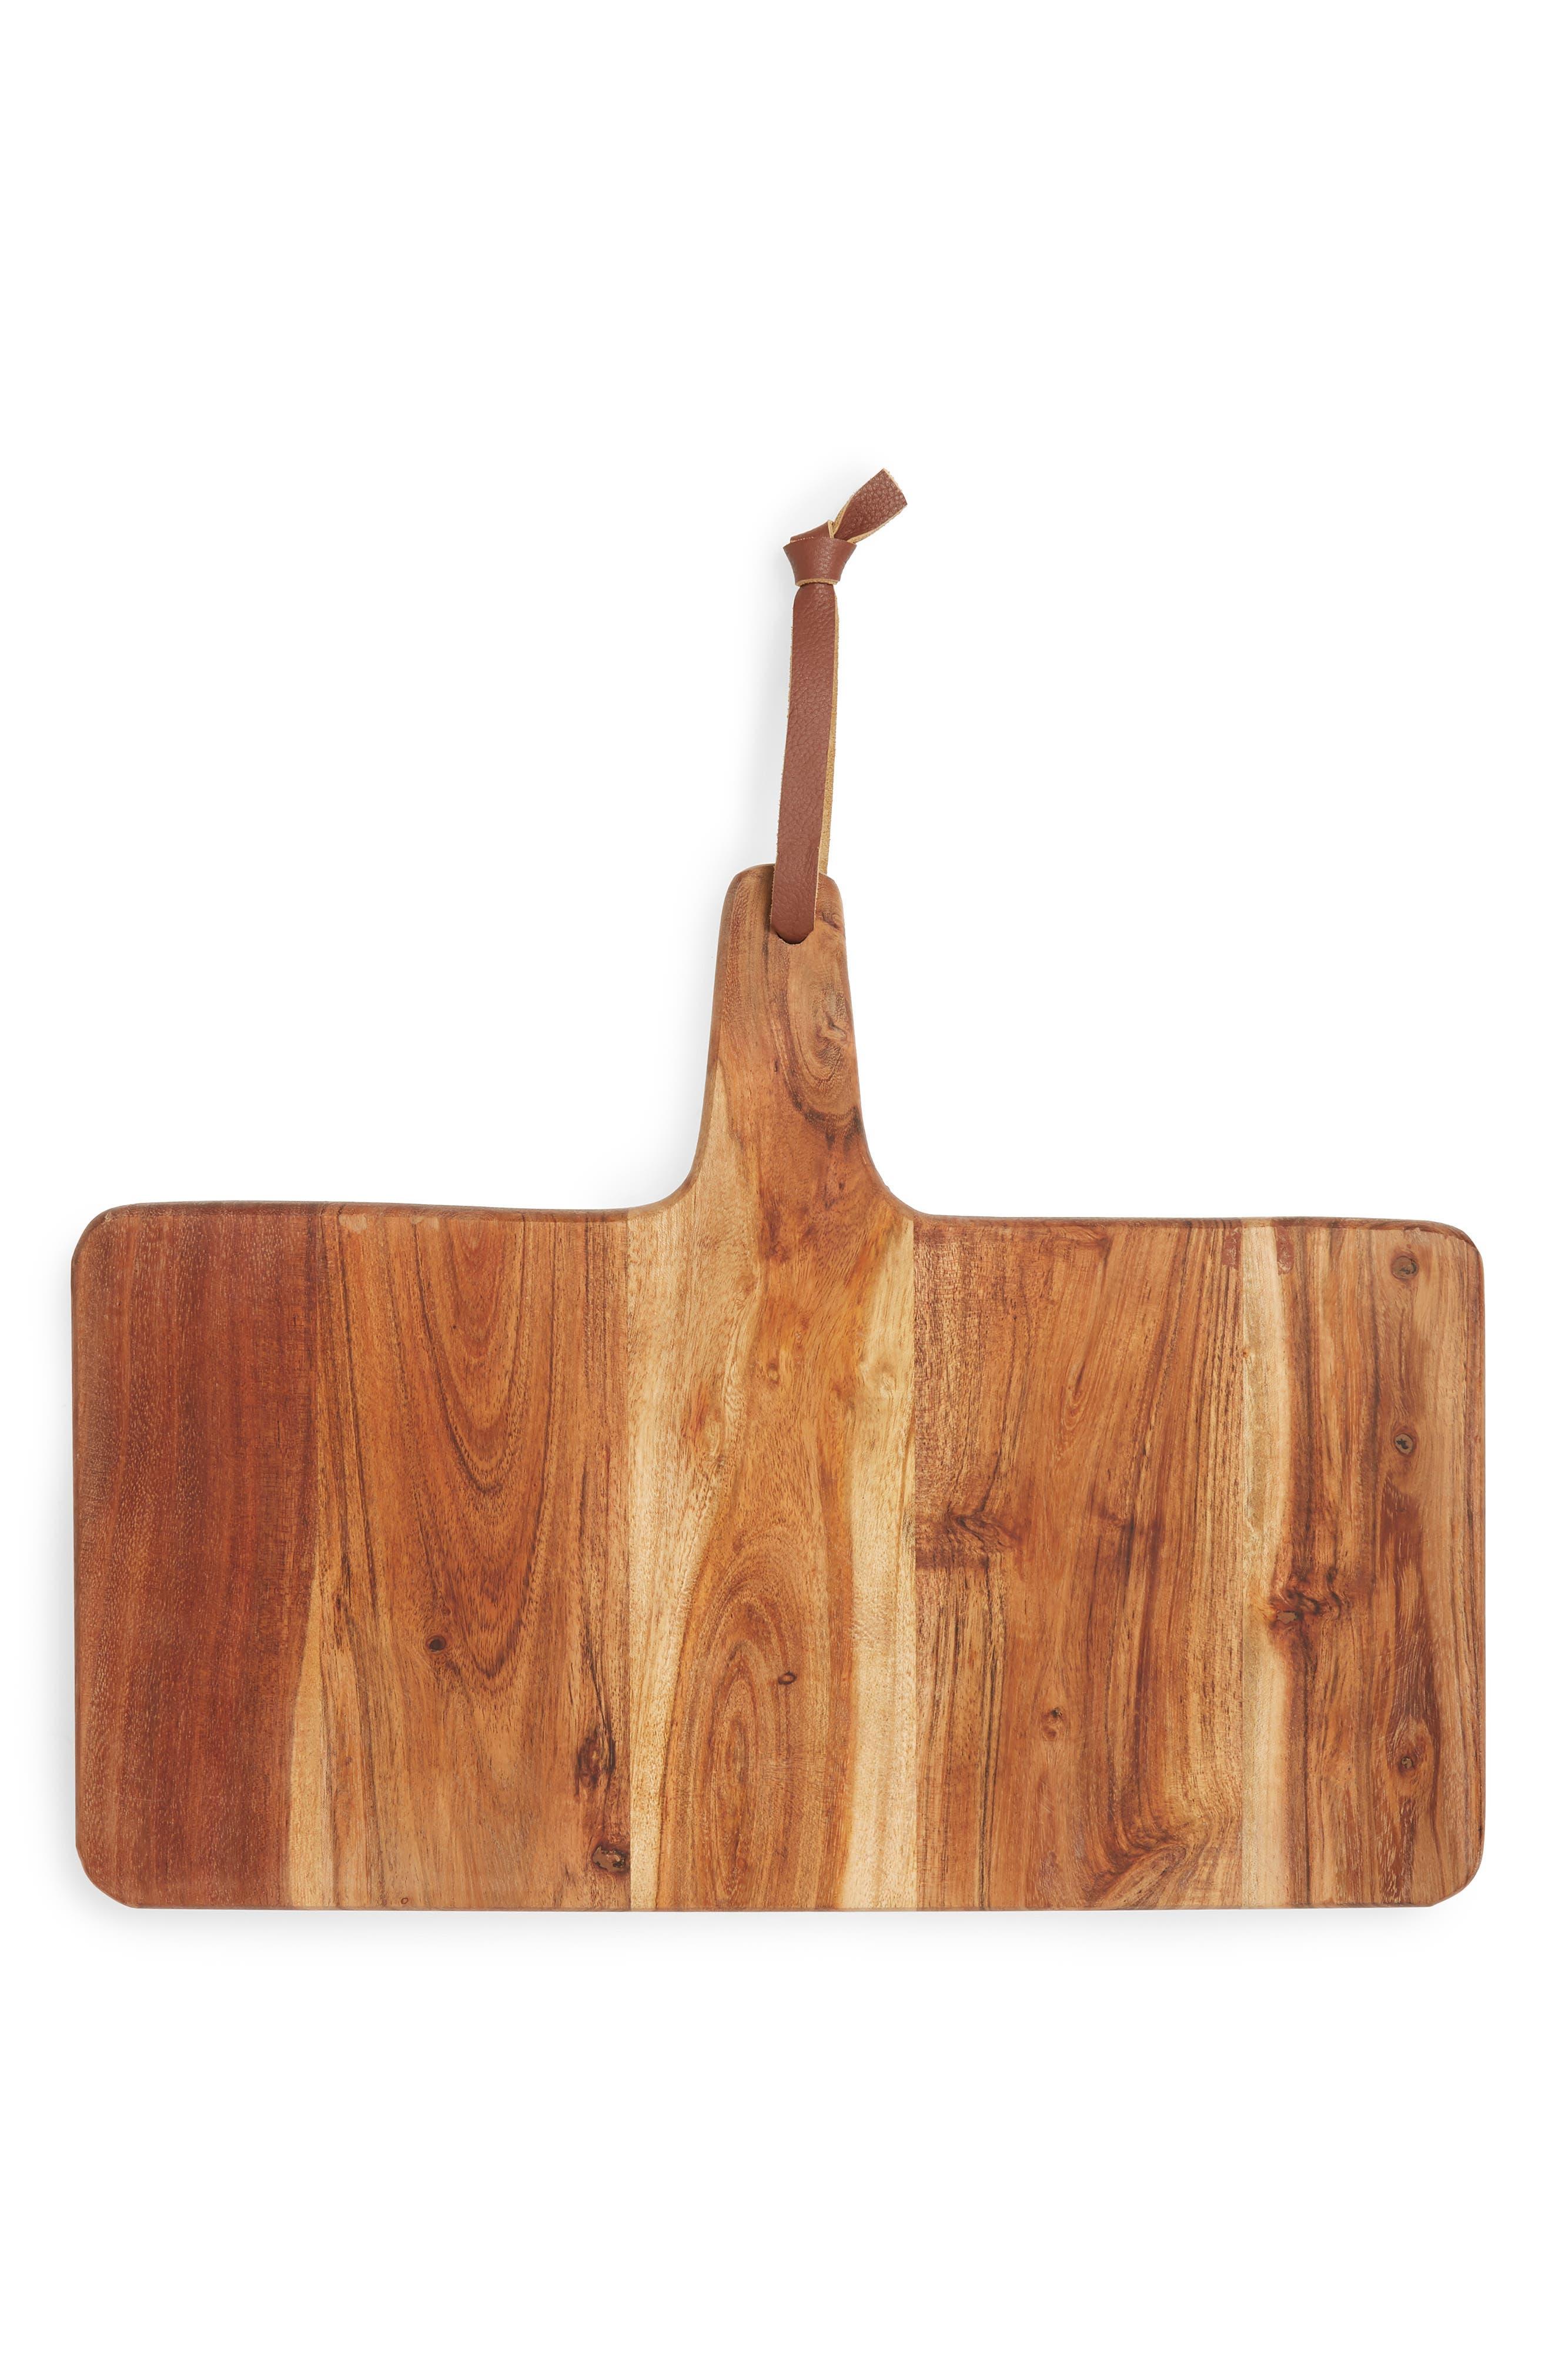 Acacia Wood Cheese Paddle,                         Main,                         color, BROWN